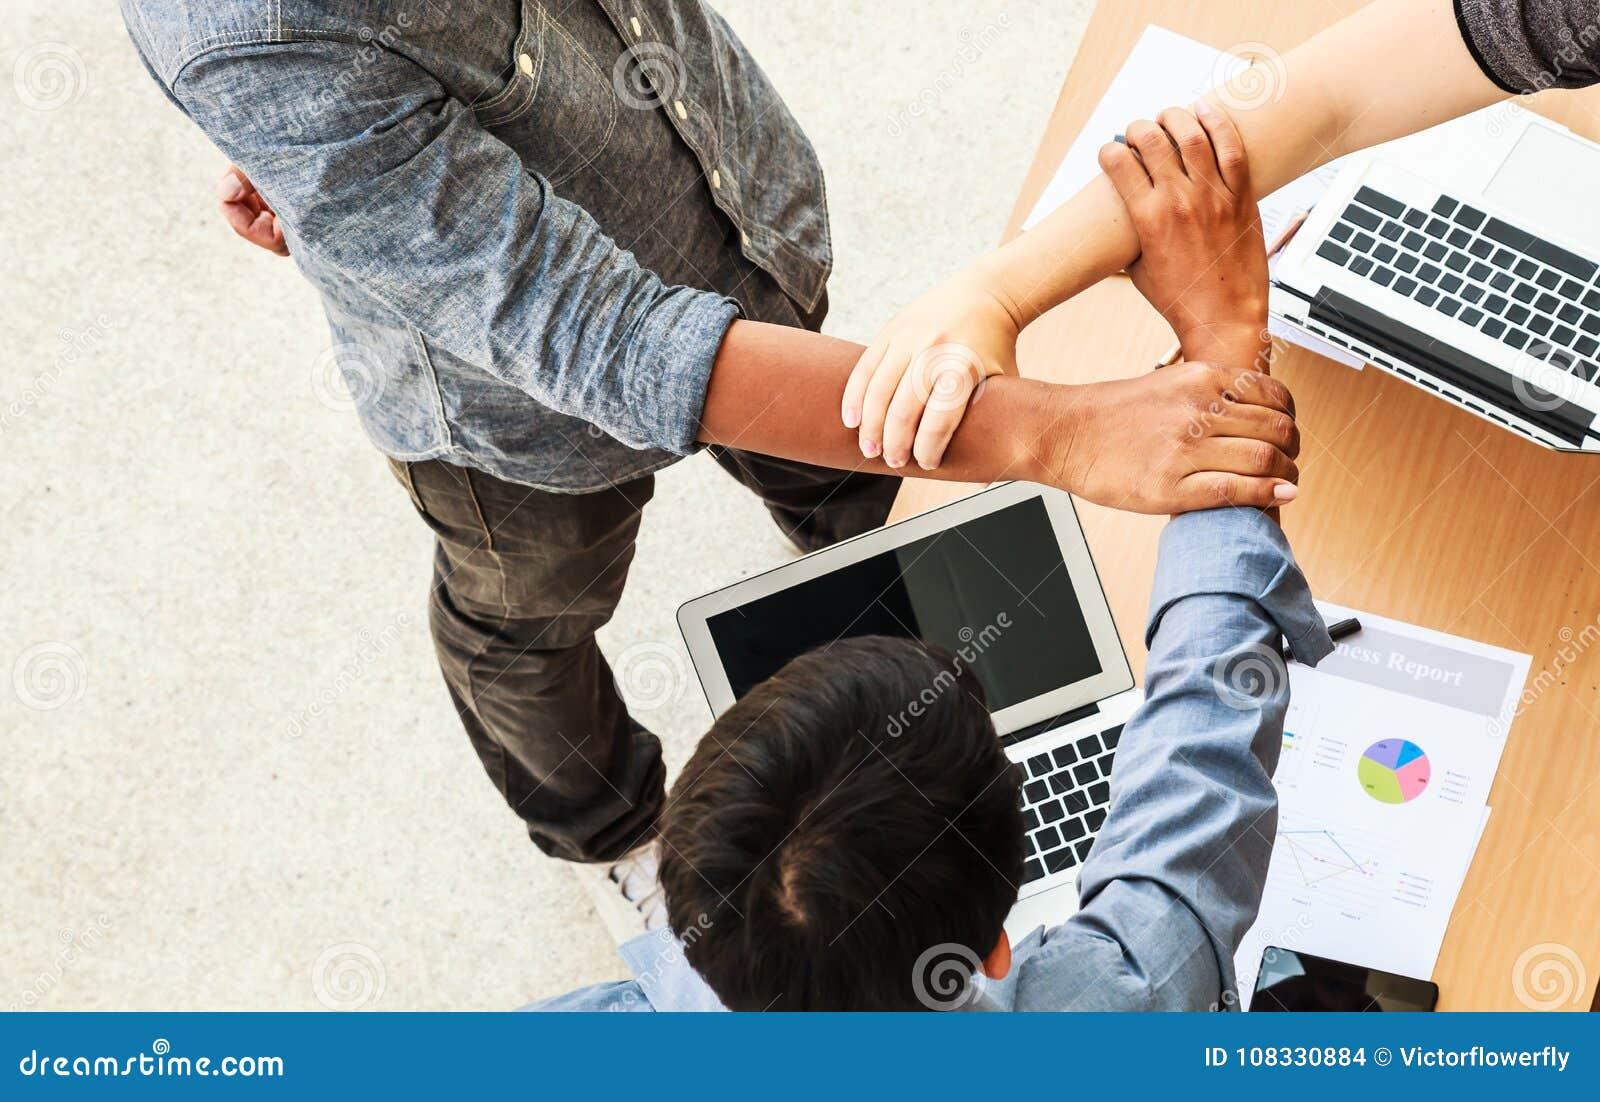 Geschäftsleute Verbindungshände der Teamwork-Sitzung im Dreieck im Bürokonzept, unter Verwendung der Ideen, Diagramme, Computer,